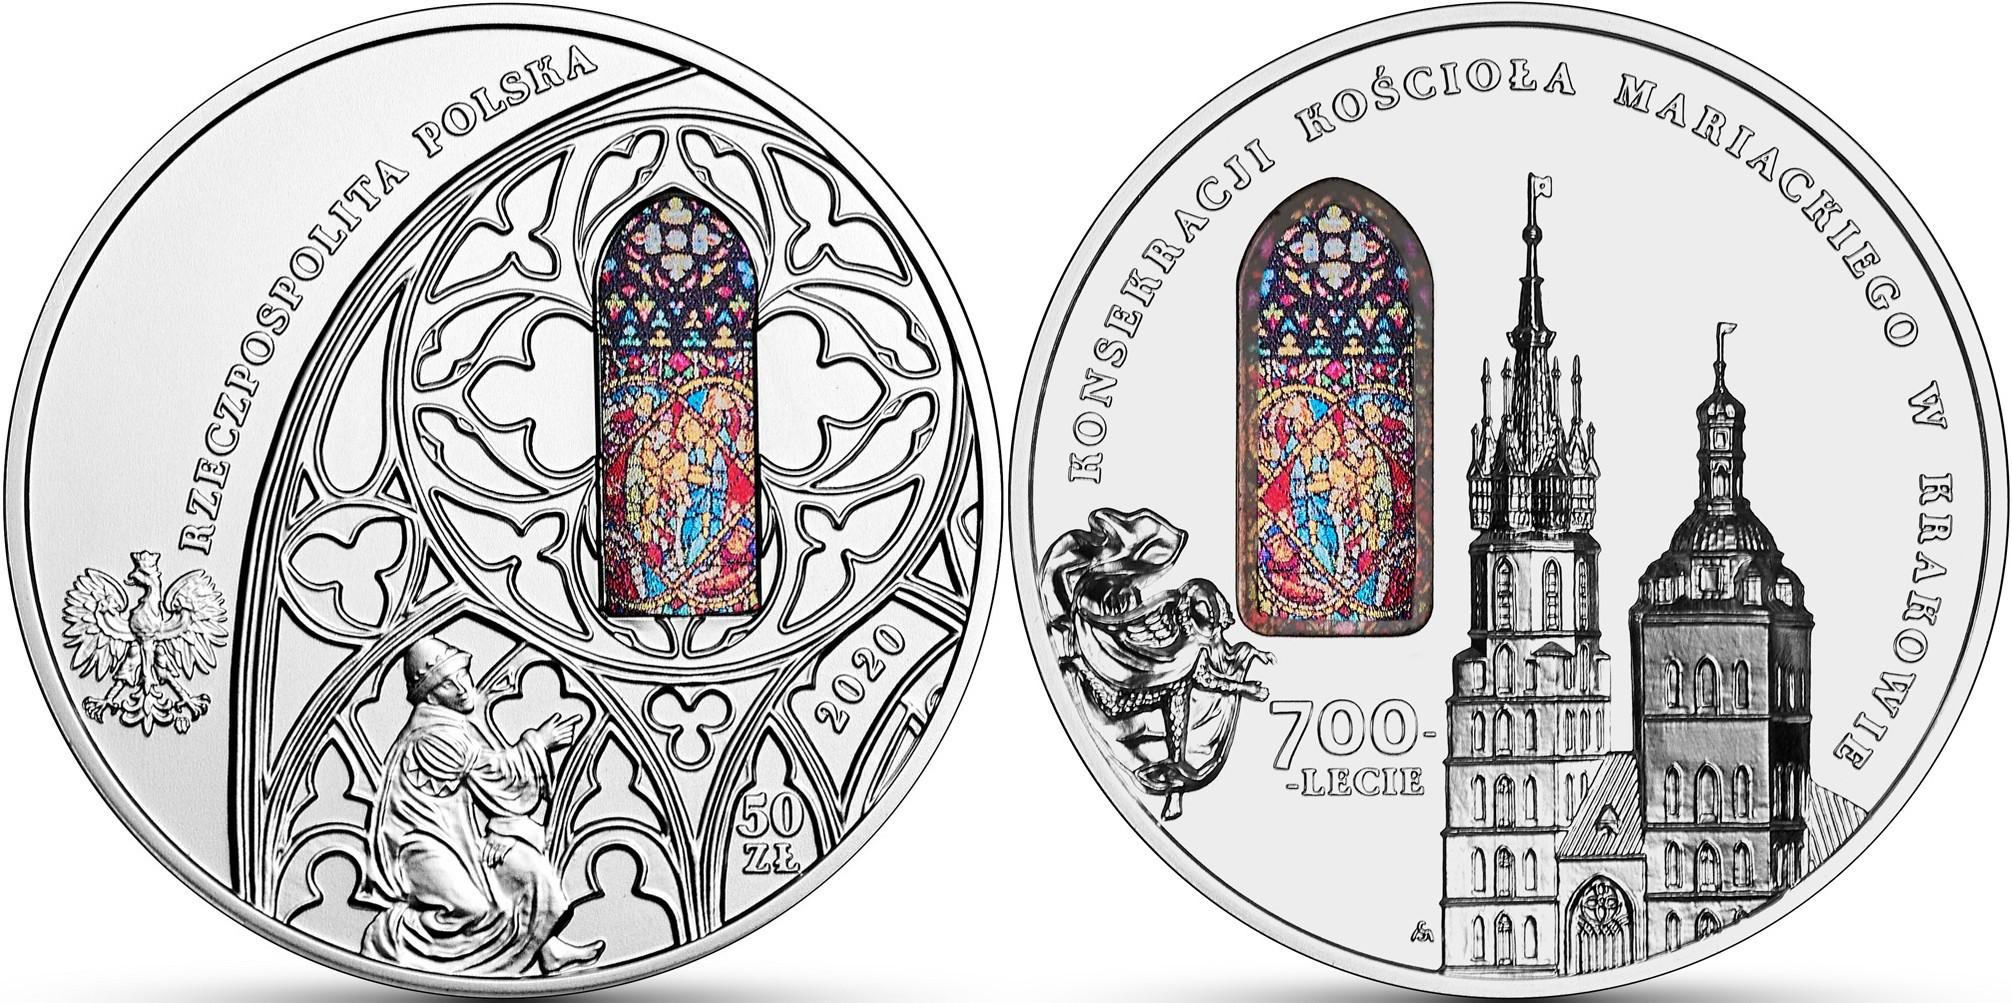 pologne-700-ans-consecration-basilique-ste-marie-a-cracovie